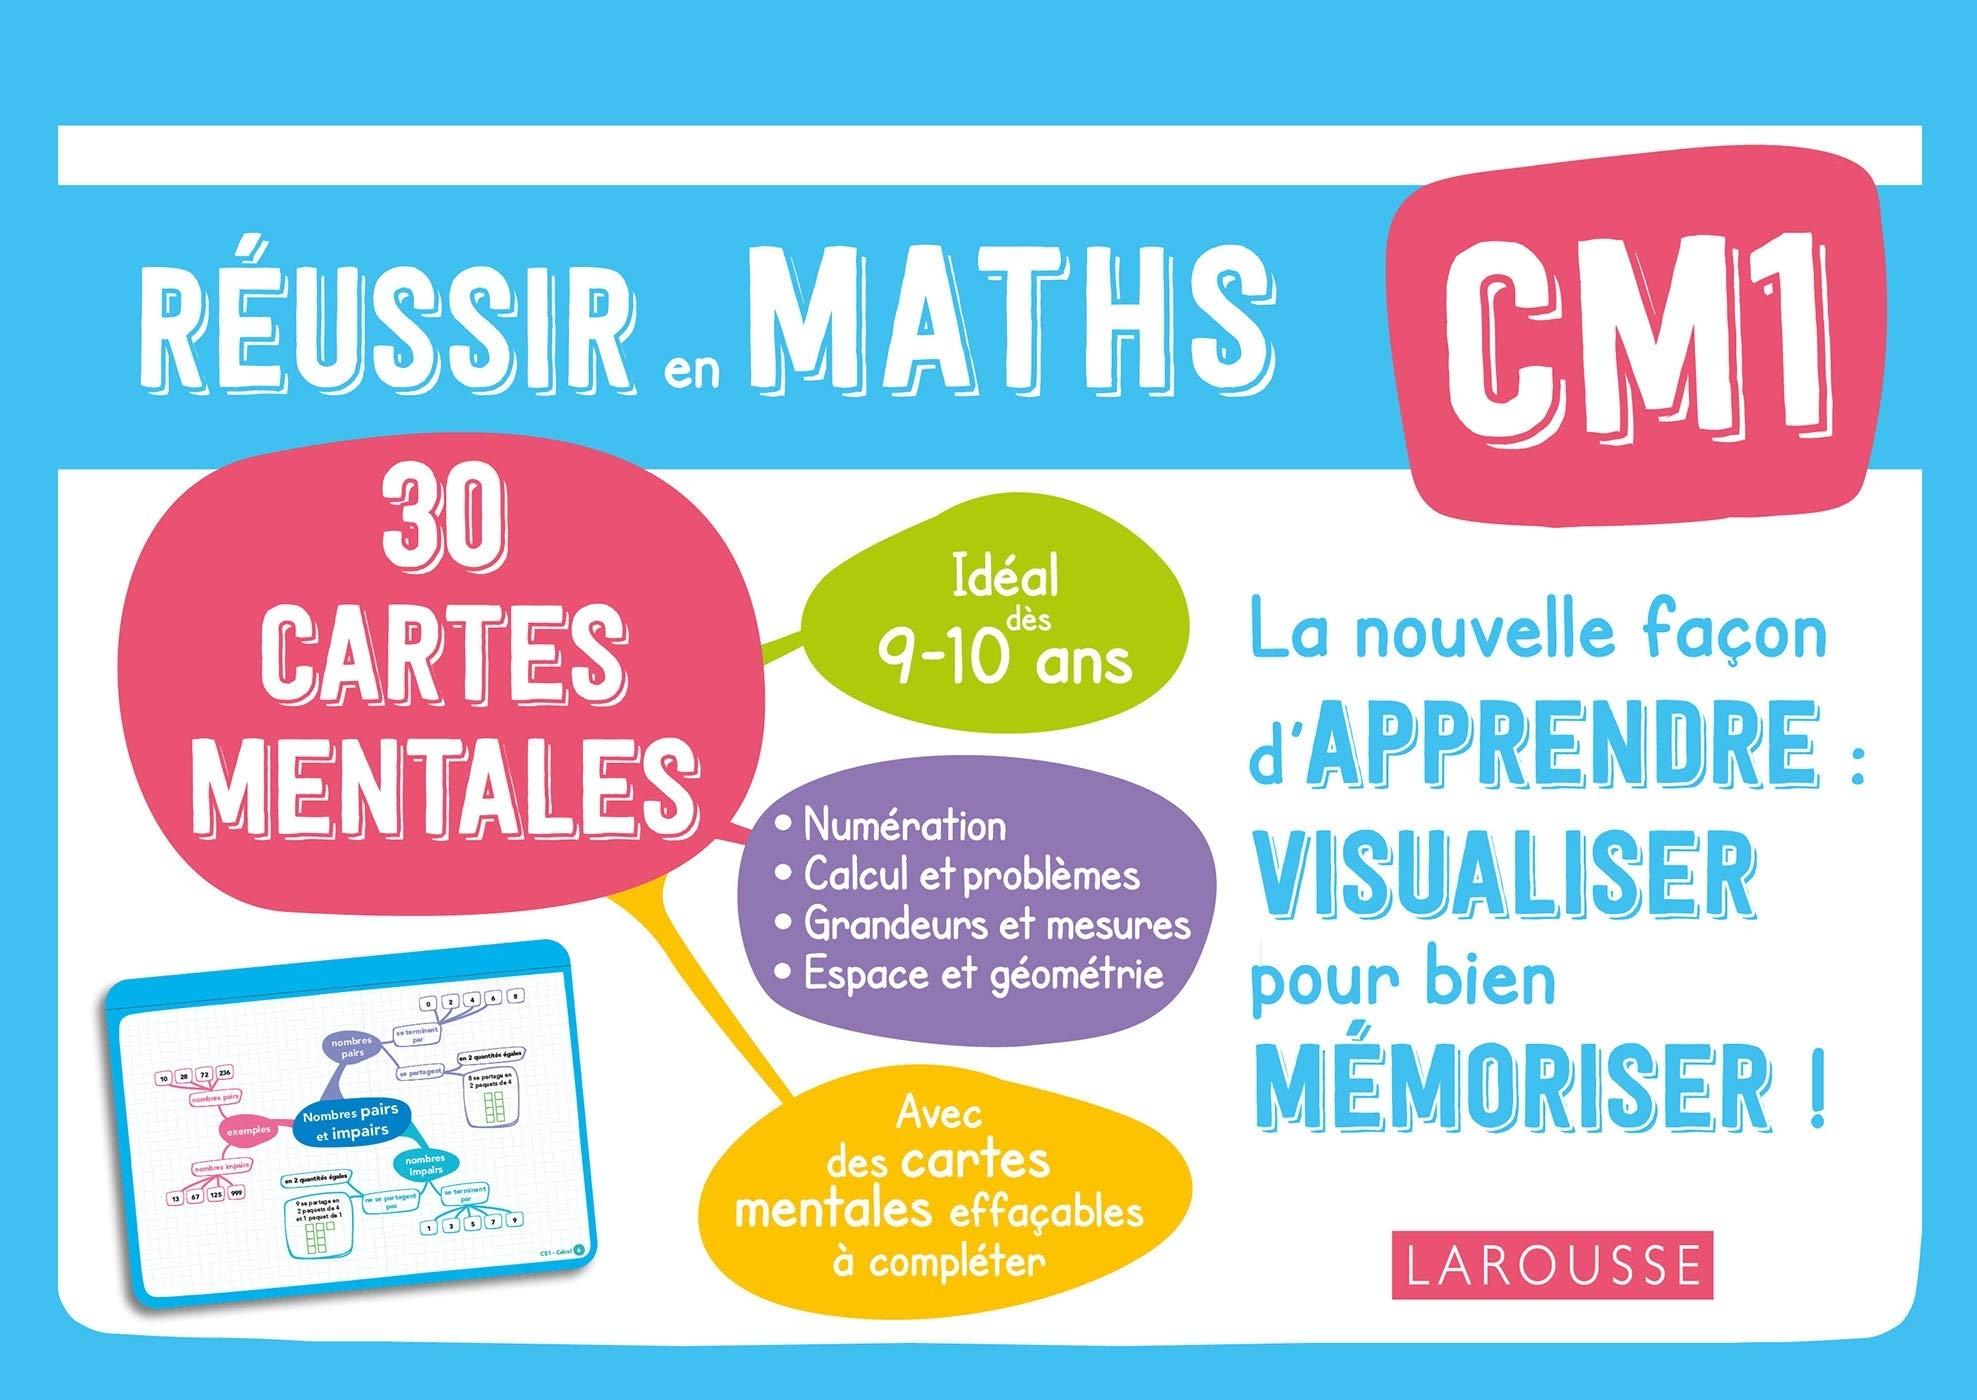 30 cartes mentales à compléter : Maths - CM1